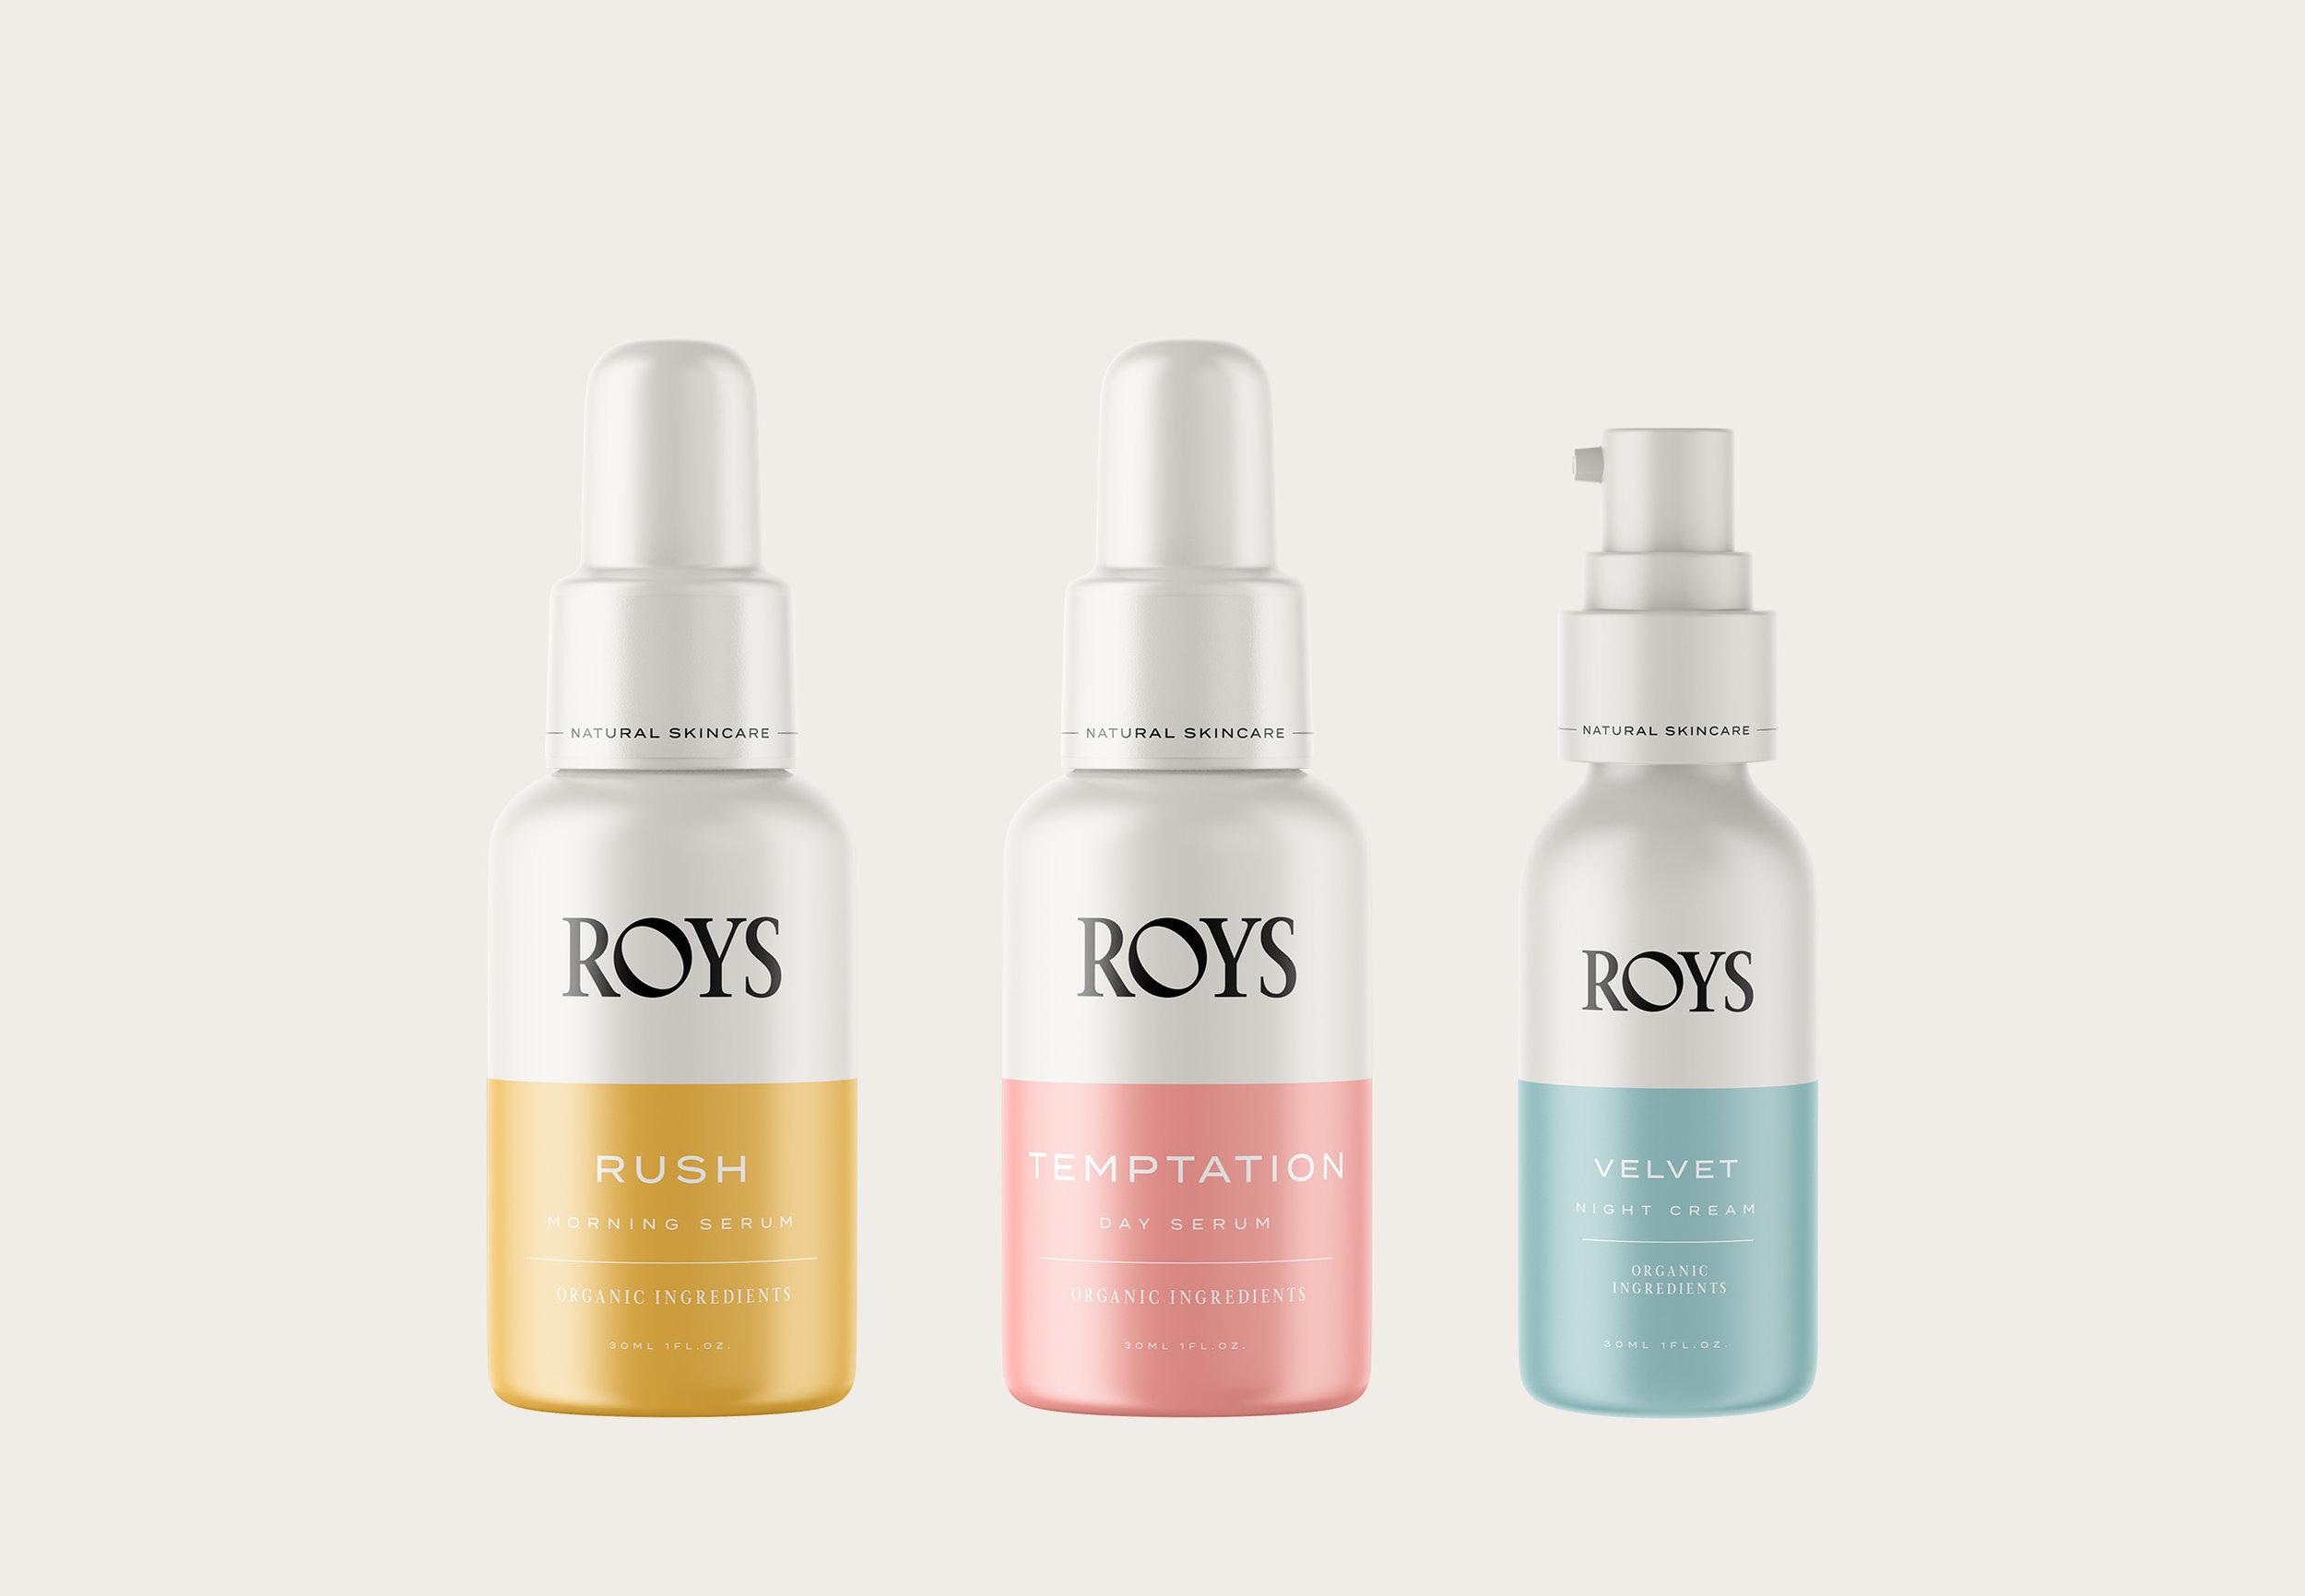 Marka Network Branding Agency - Roys Natural Skincare3.jpg